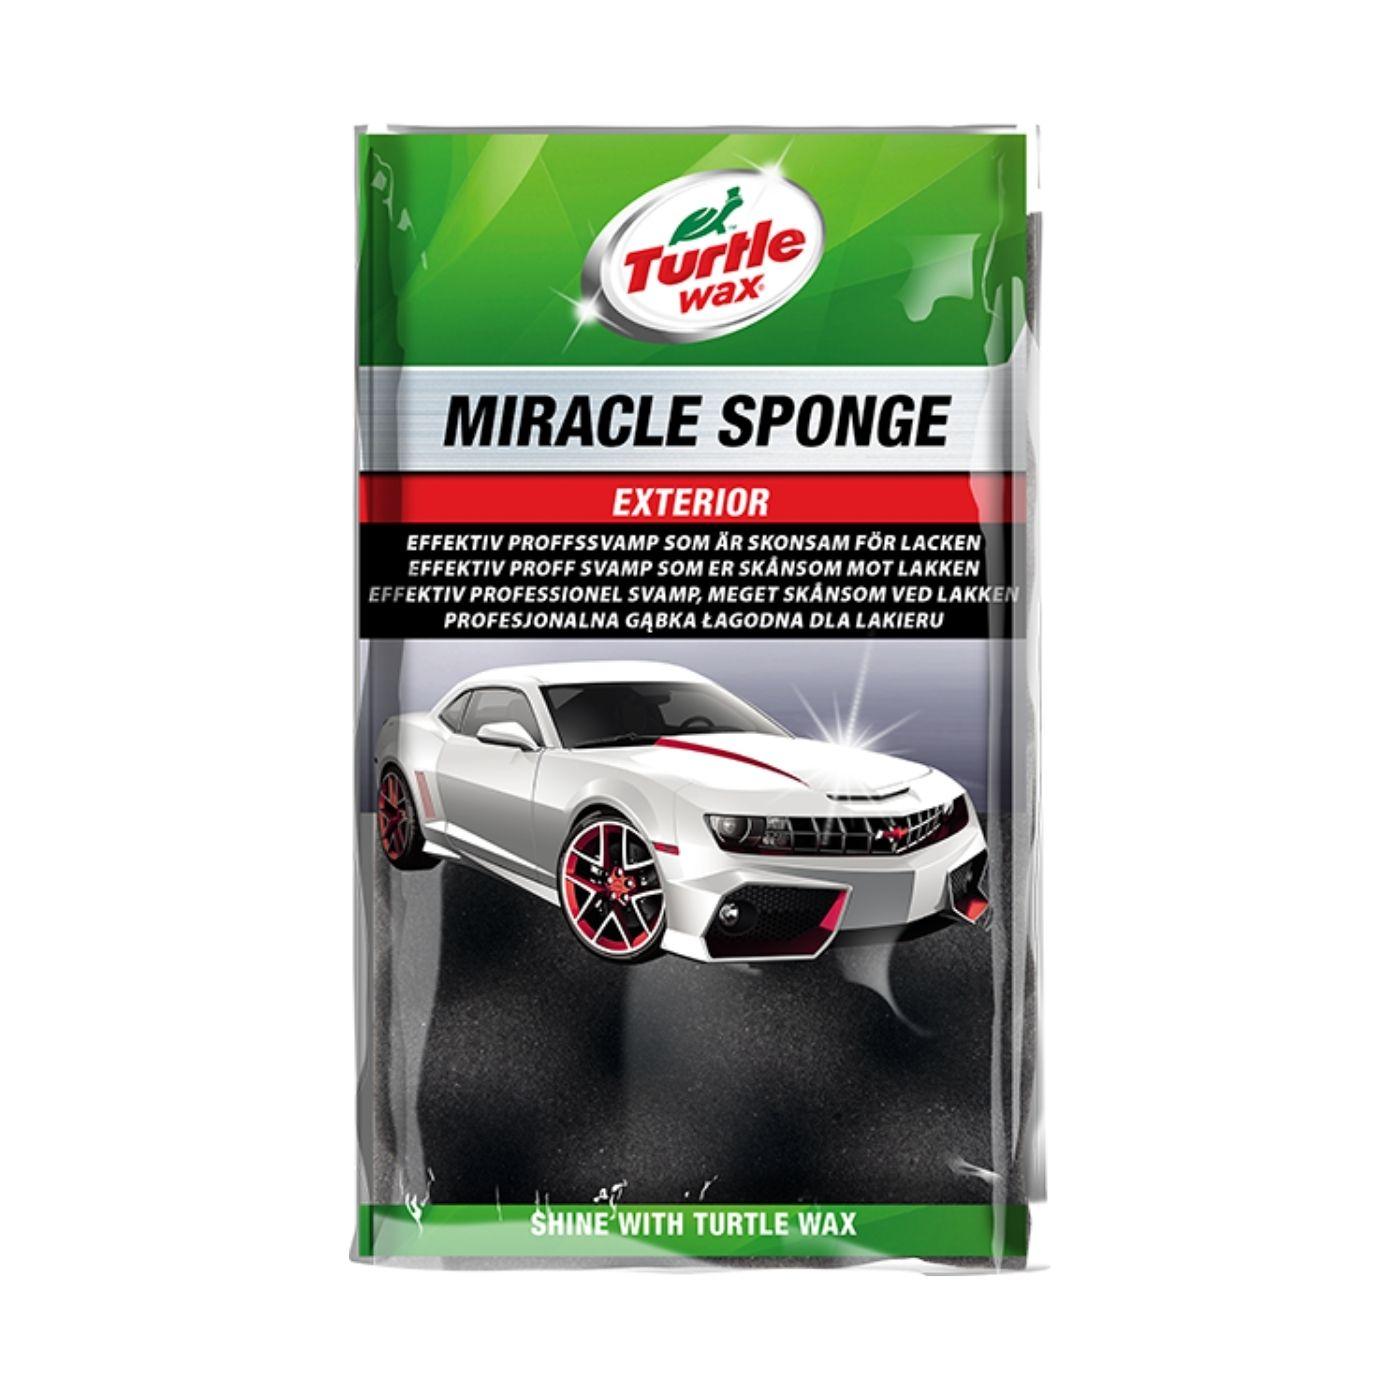 Tvättsvamp Turtle Wax Miracle Sponge